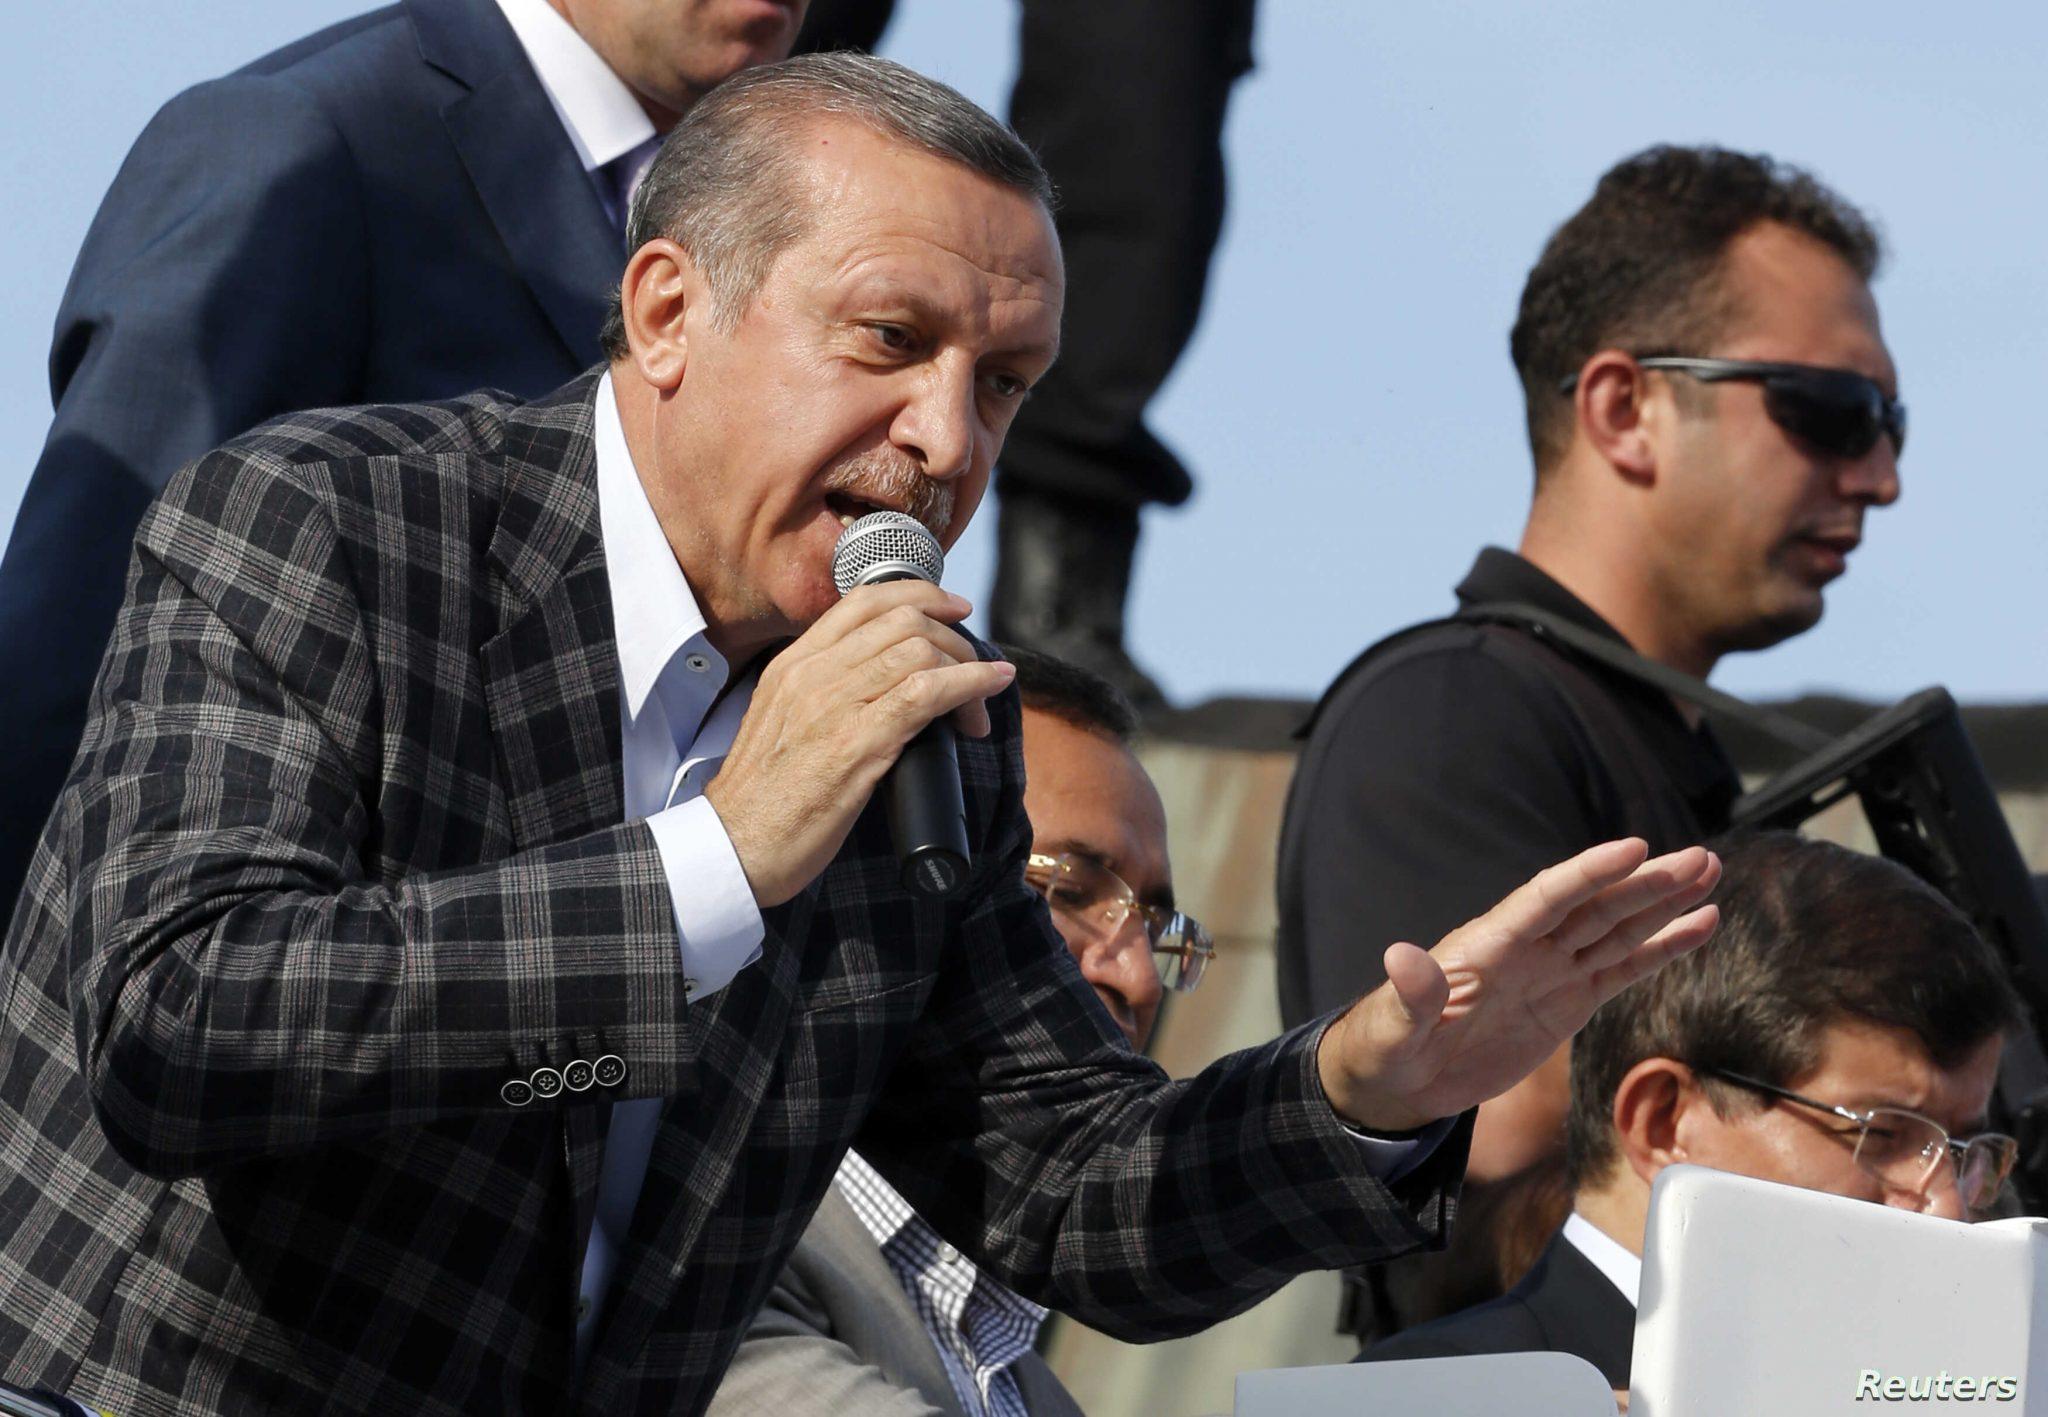 صورة دولة عربية كبرى حليفة لترامب تفتح خيوط تواصل مع تركيا!